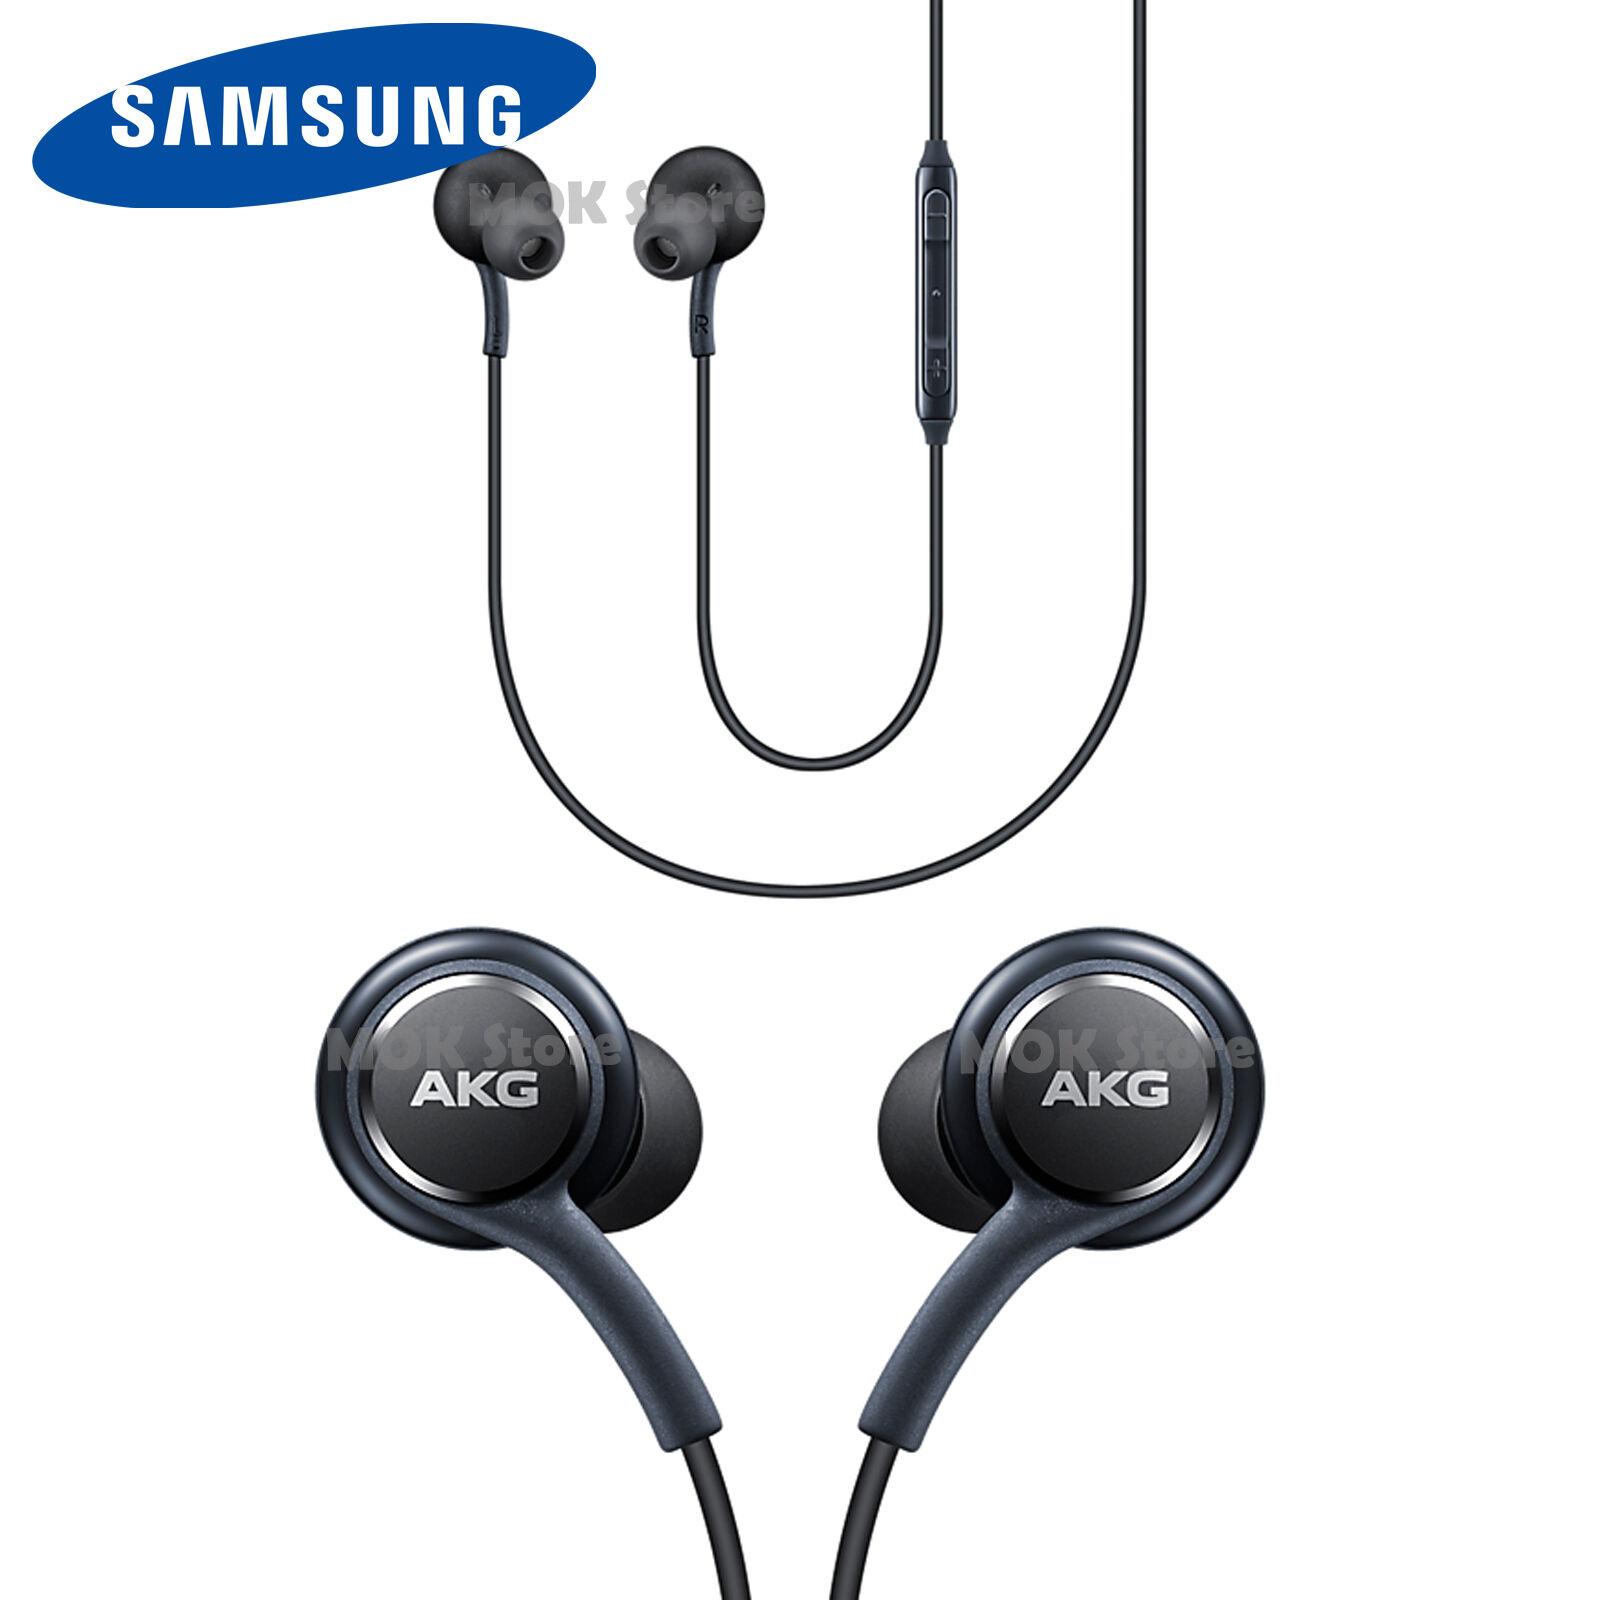 Earphones cordless for samsung - akg headphones for samsung